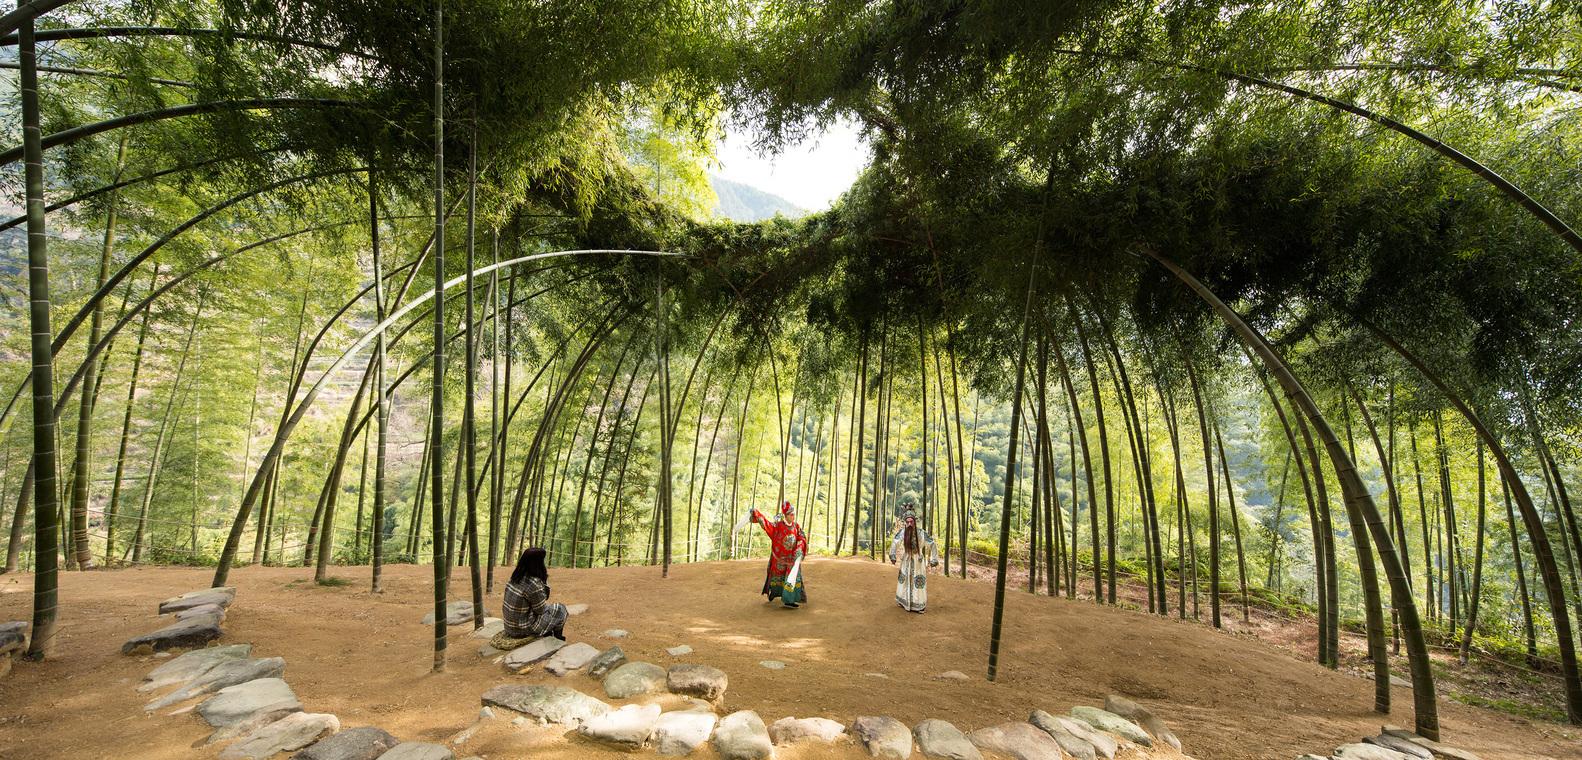 Bambuswäldchen pflanzen – gleichzeitig schattige Aufenthaltsorte und Baumaterial für Rankhilfen, Aussenraumstrukturen, essbare Sprossen...